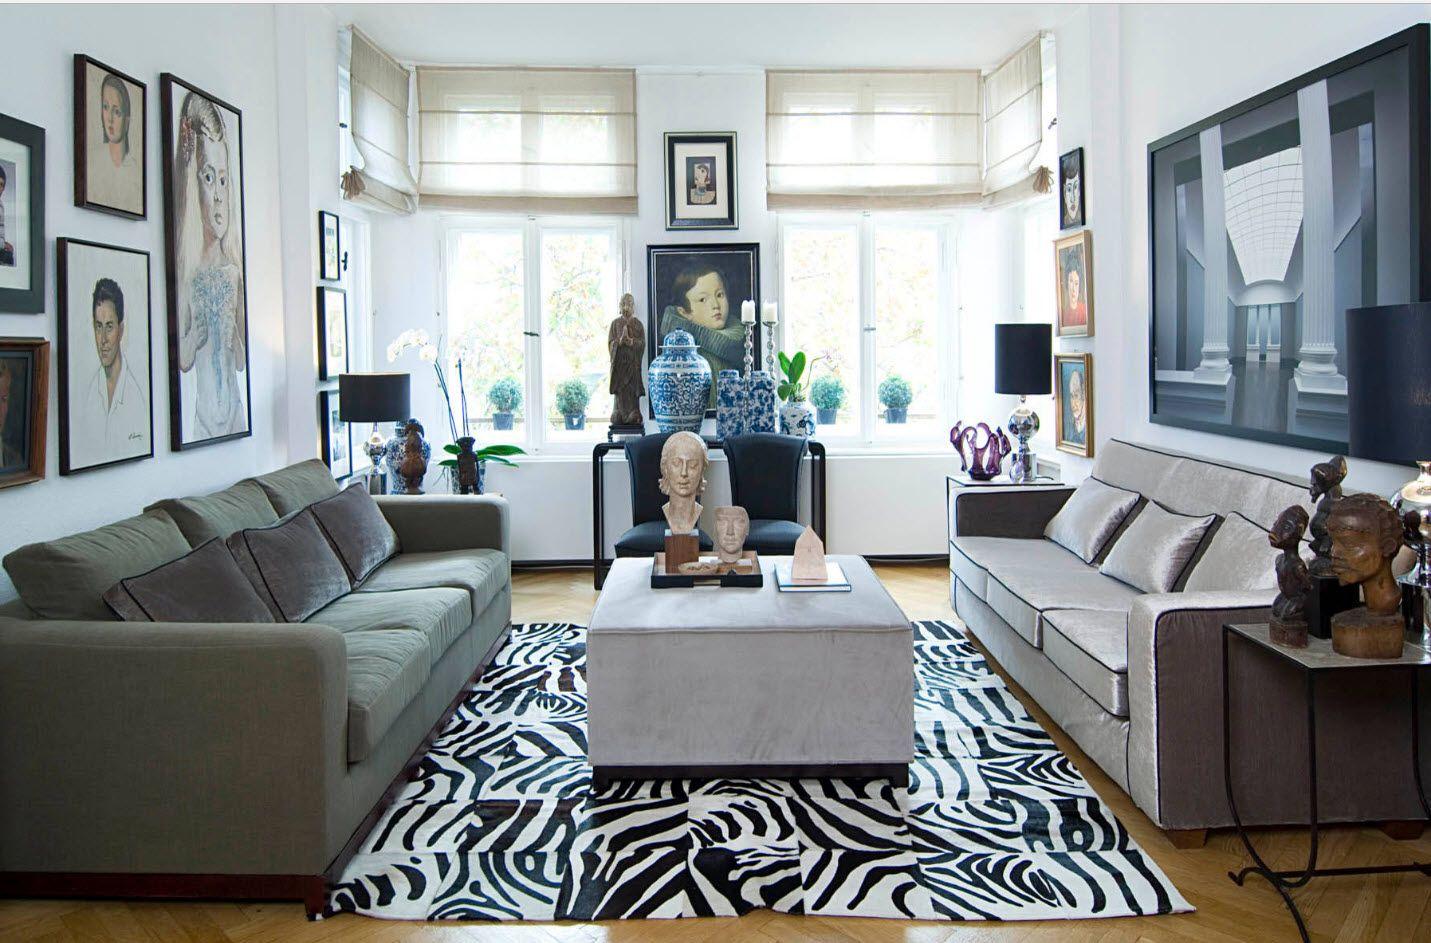 Zebra carpeting in the center of modern living room